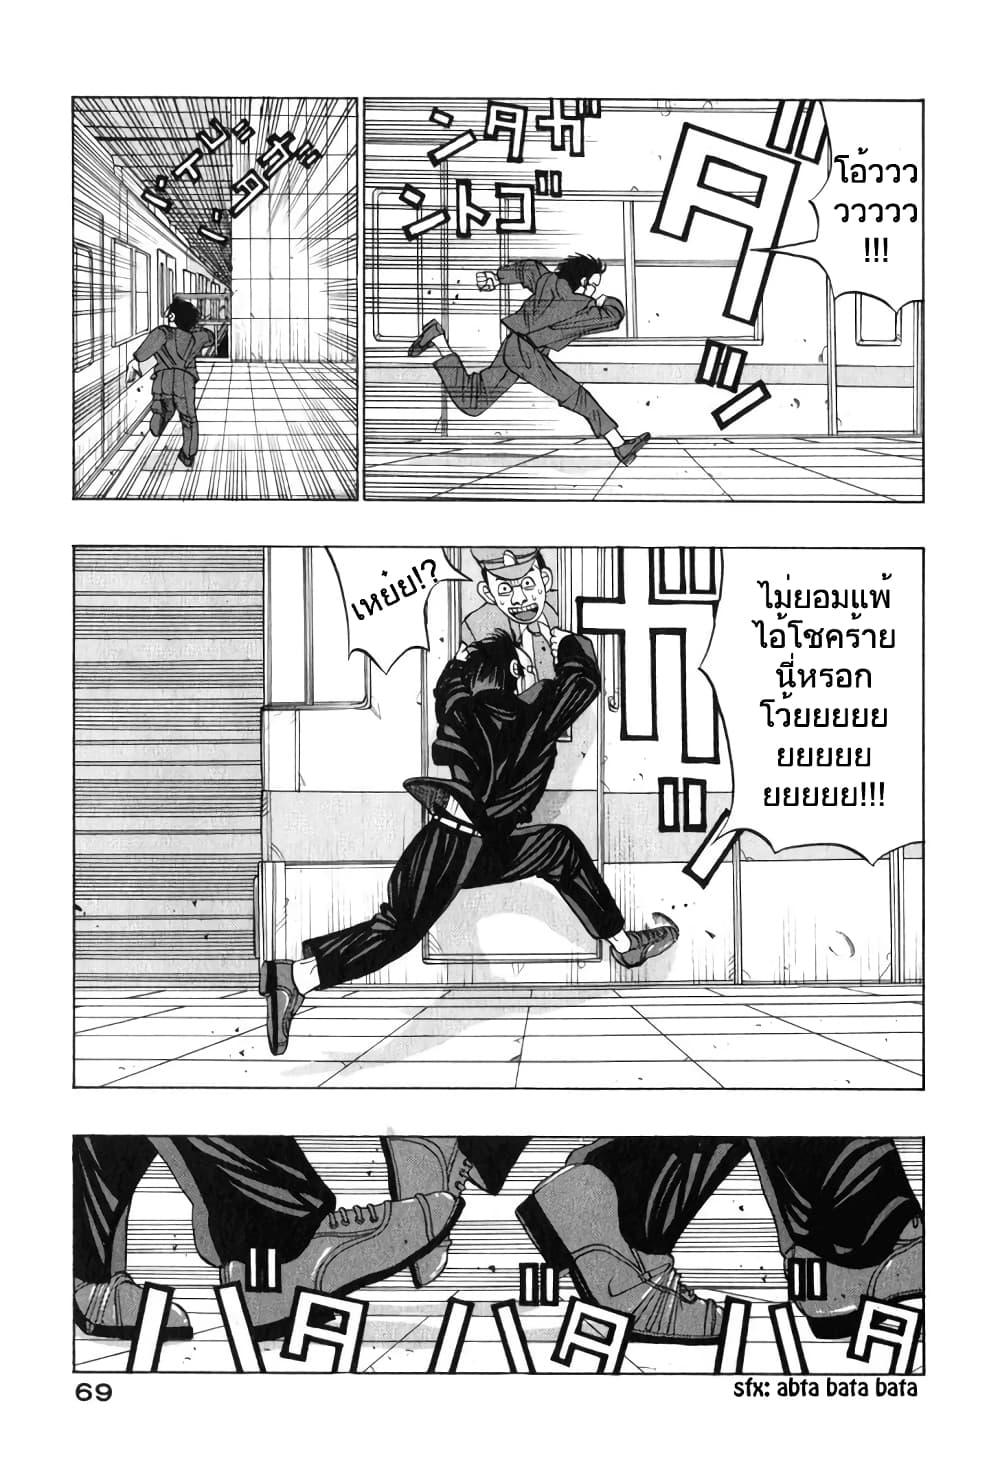 อ่านการ์ตูน Tanikamen ตอนที่ 6 หน้าที่ 7